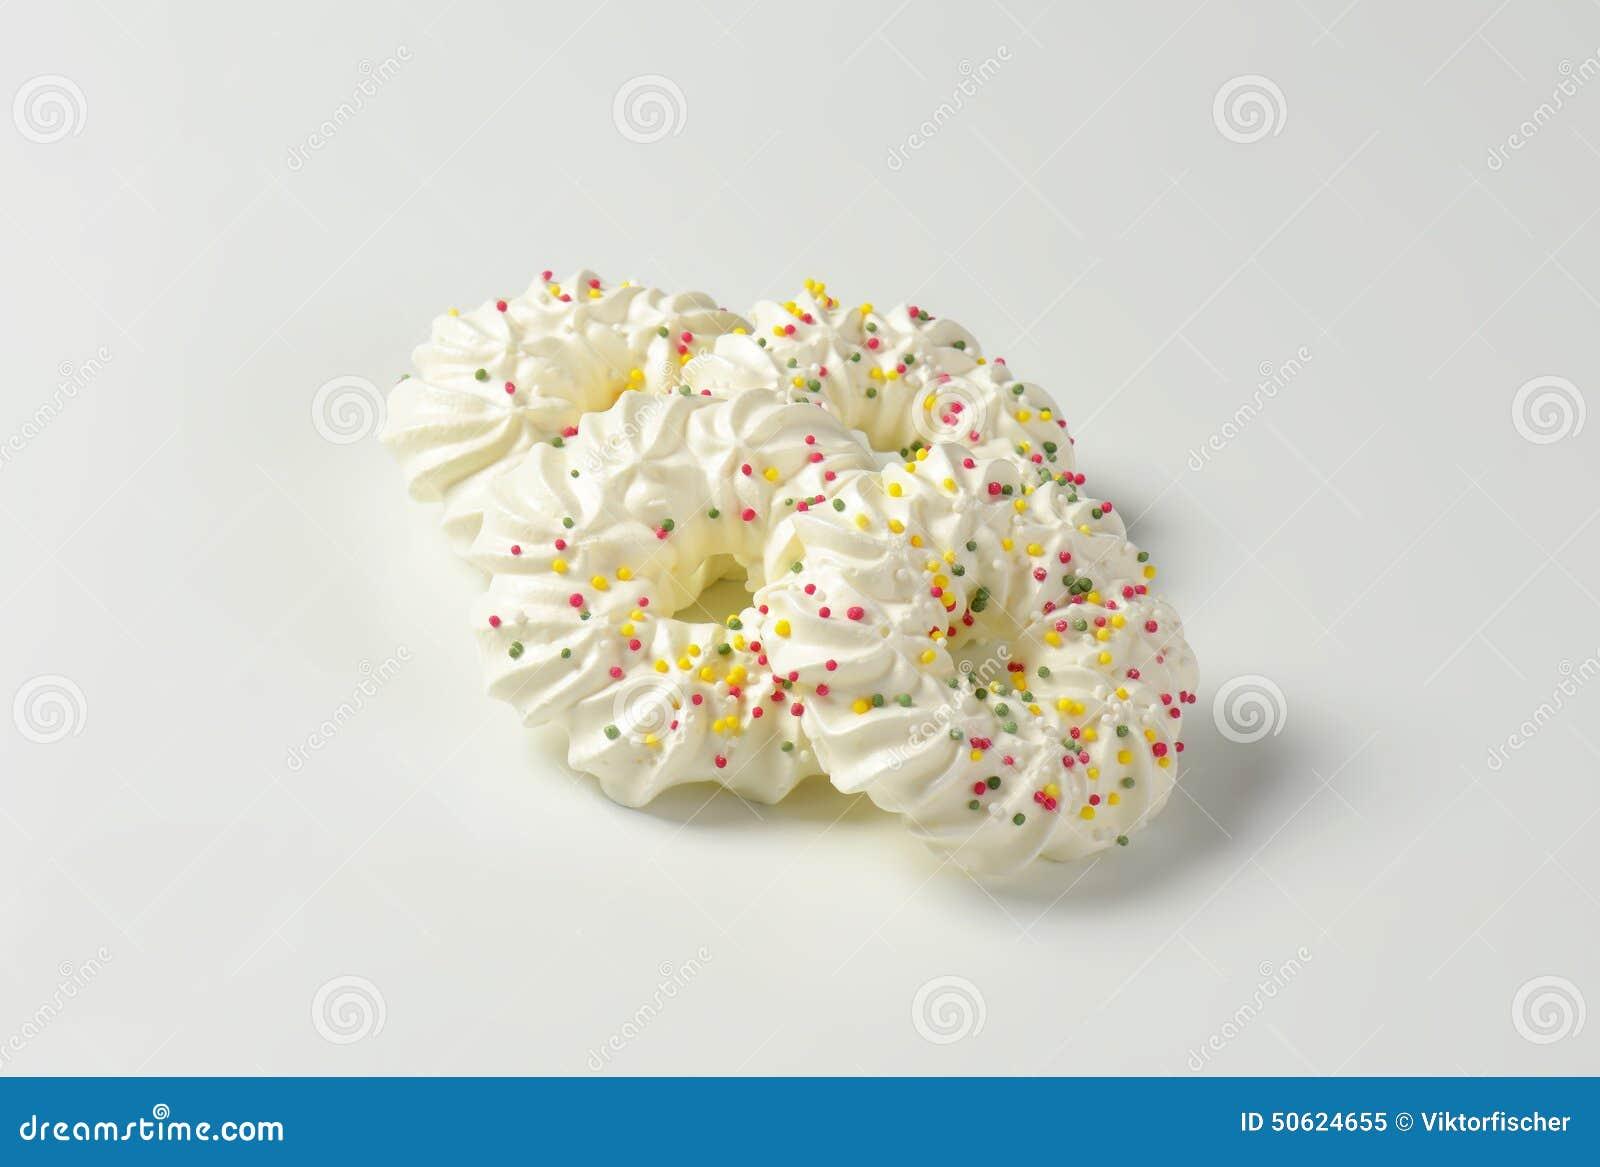 Meringue Wreath Cookies Stock Image Image Of Sprinkles 50624655